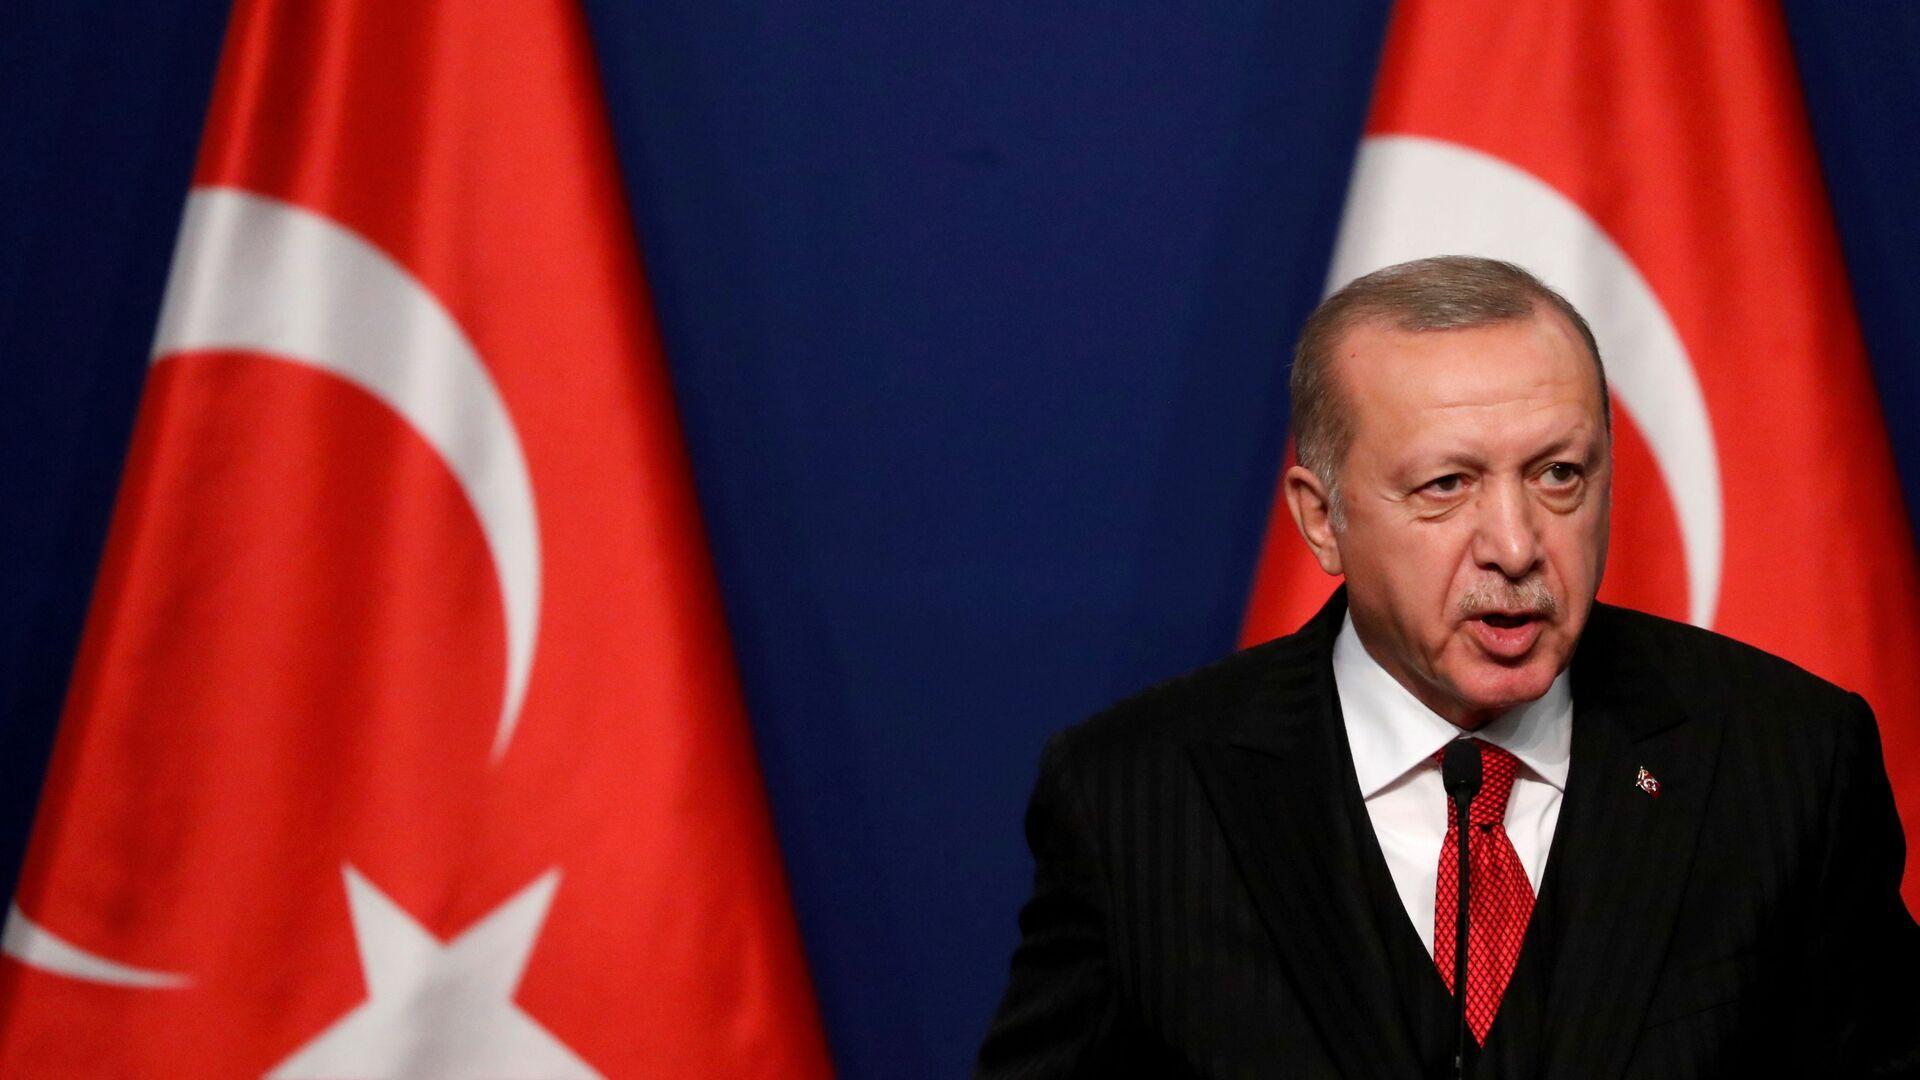 Tổng thống Thổ Nhĩ Kỳ Recep Tayyip Erdogan tham dự cuộc họp báo với Thủ tướng Hungary Viktor Orban (không ảnh) tại Budapest, Hungary ngày 7 tháng 11 năm 2019. REUTERS / Bernadett Szabo / File Photo - Sputnik Việt Nam, 1920, 18.05.2021